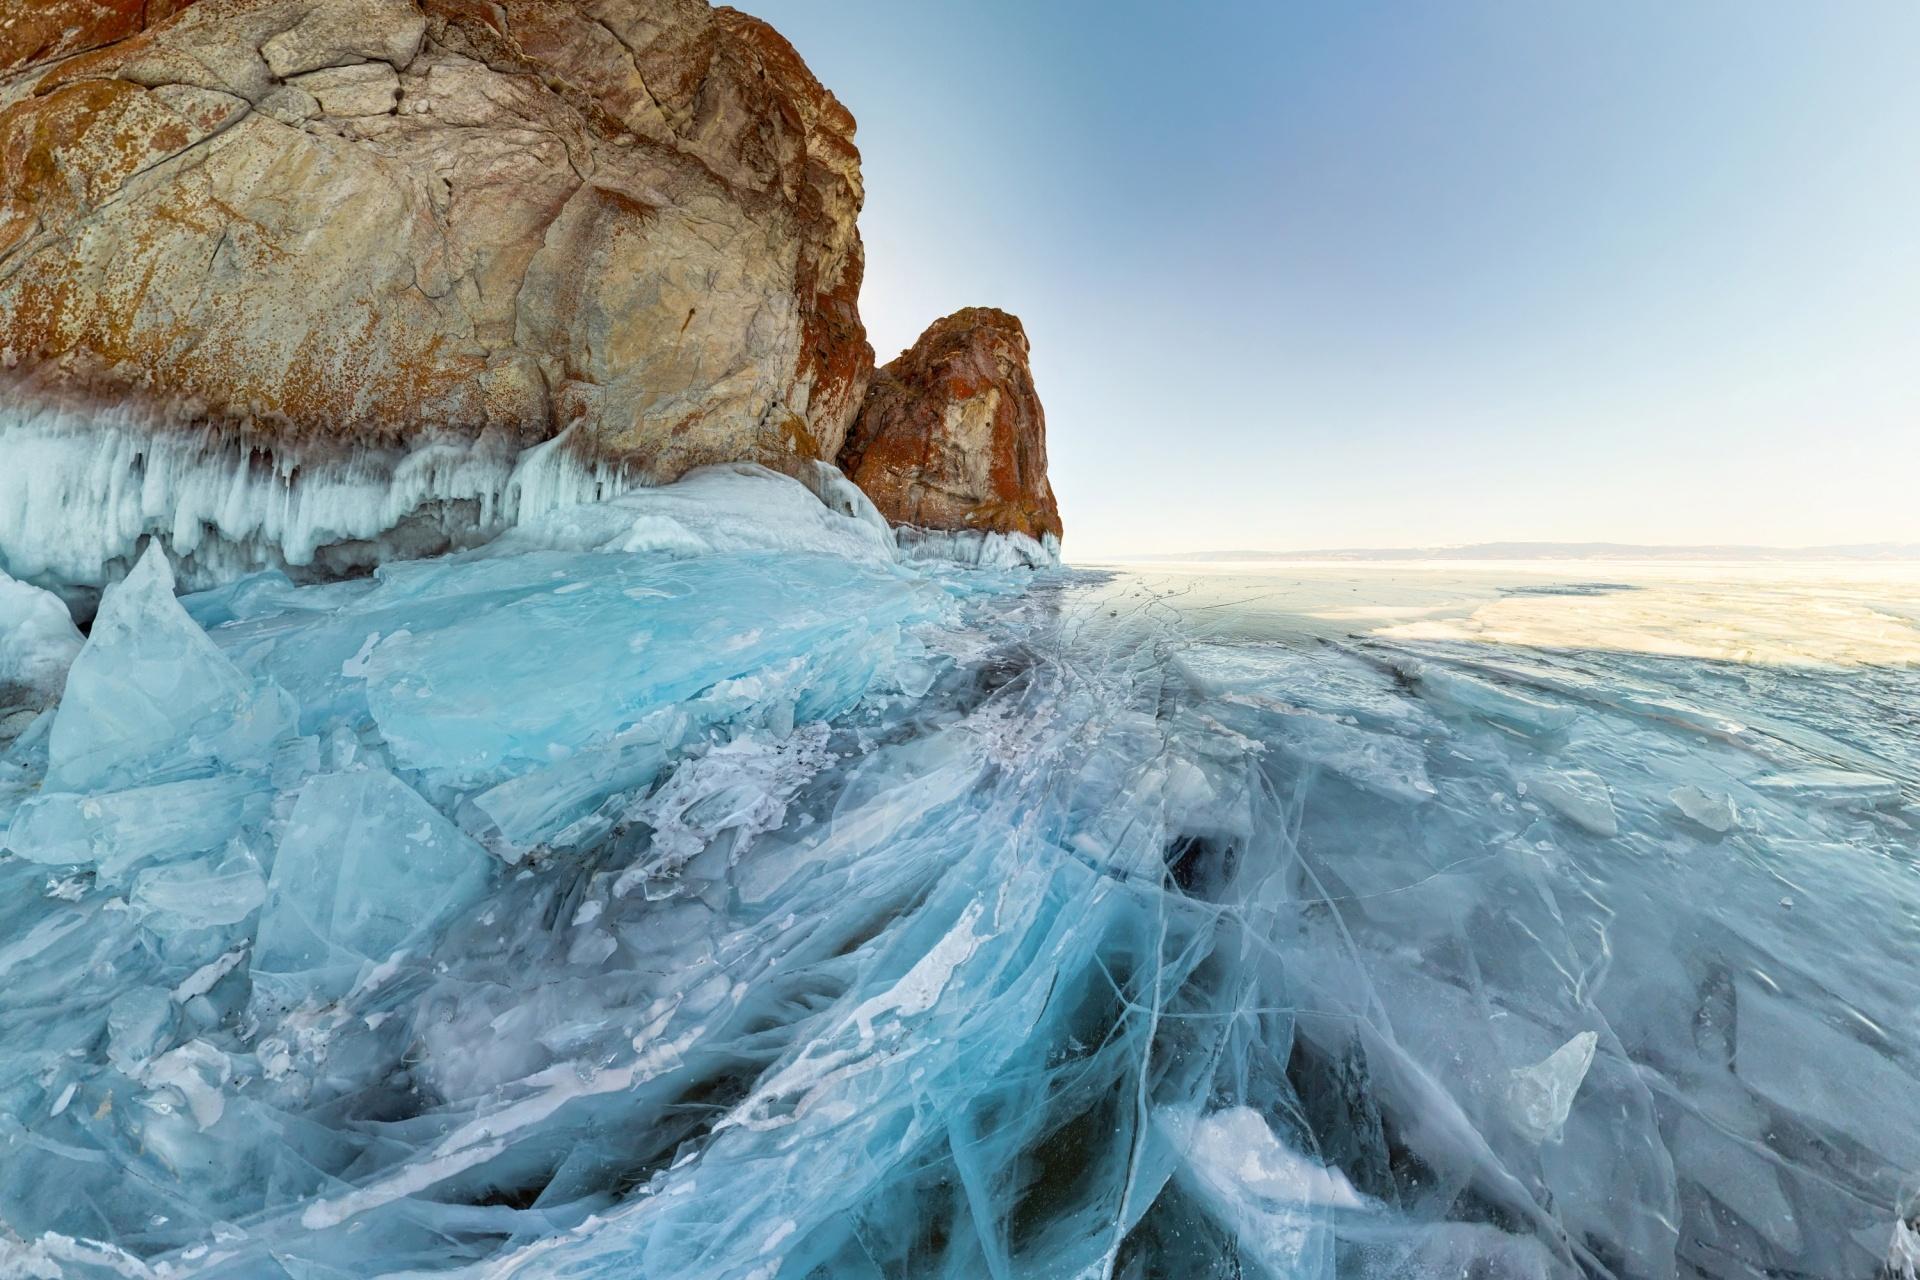 オリホン島 冬のバイカル湖の風景 ロシアの風景